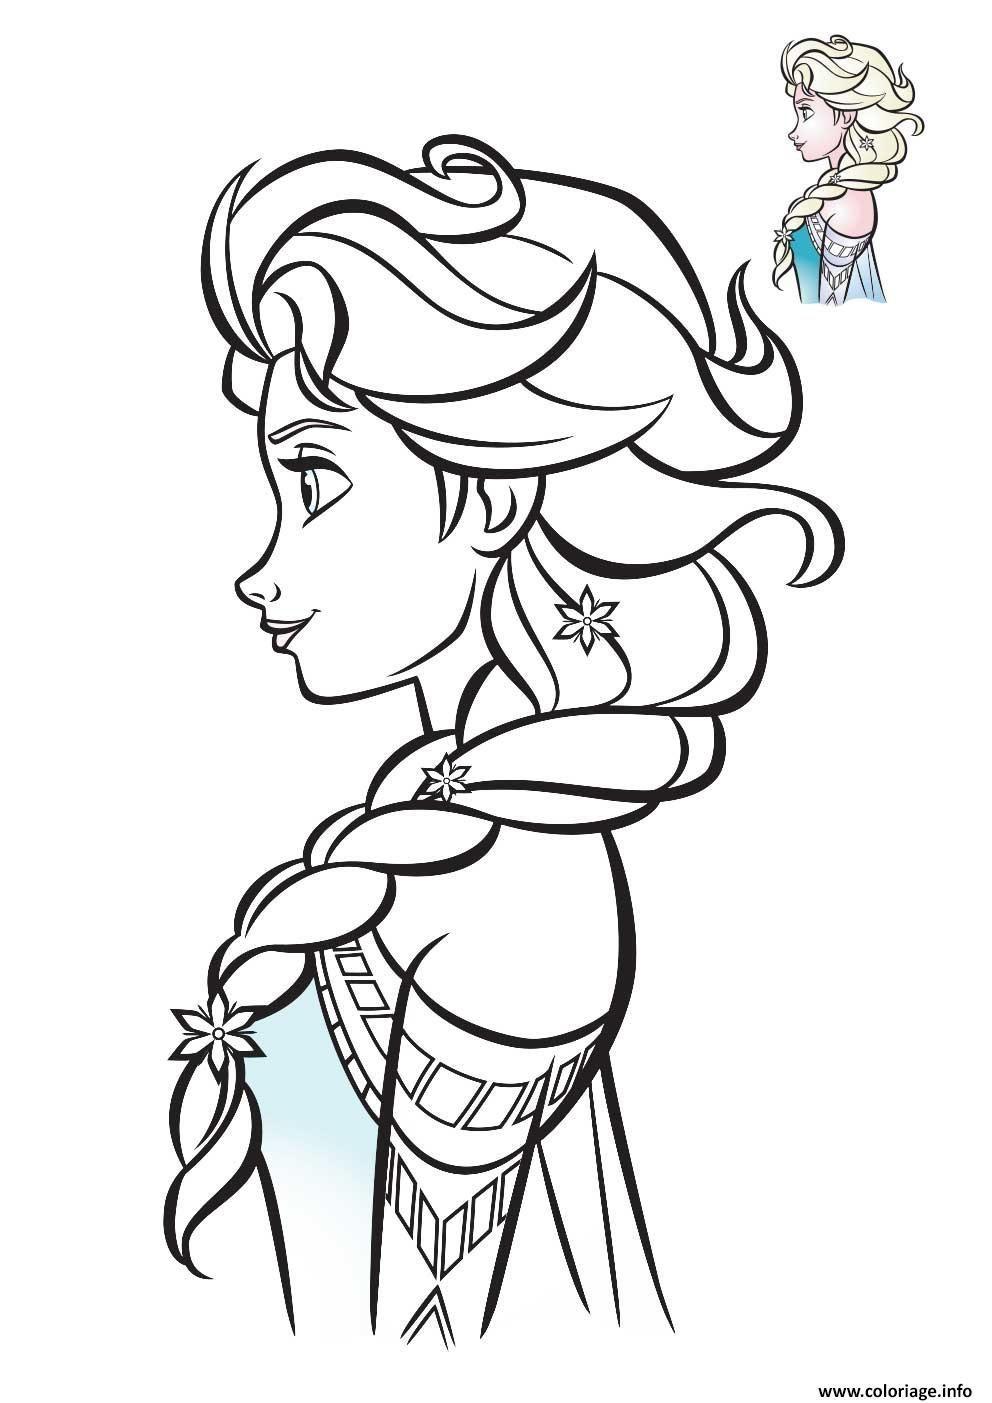 Malvorlage Elsa Queen of Snow Profil 2020 zu drucken in